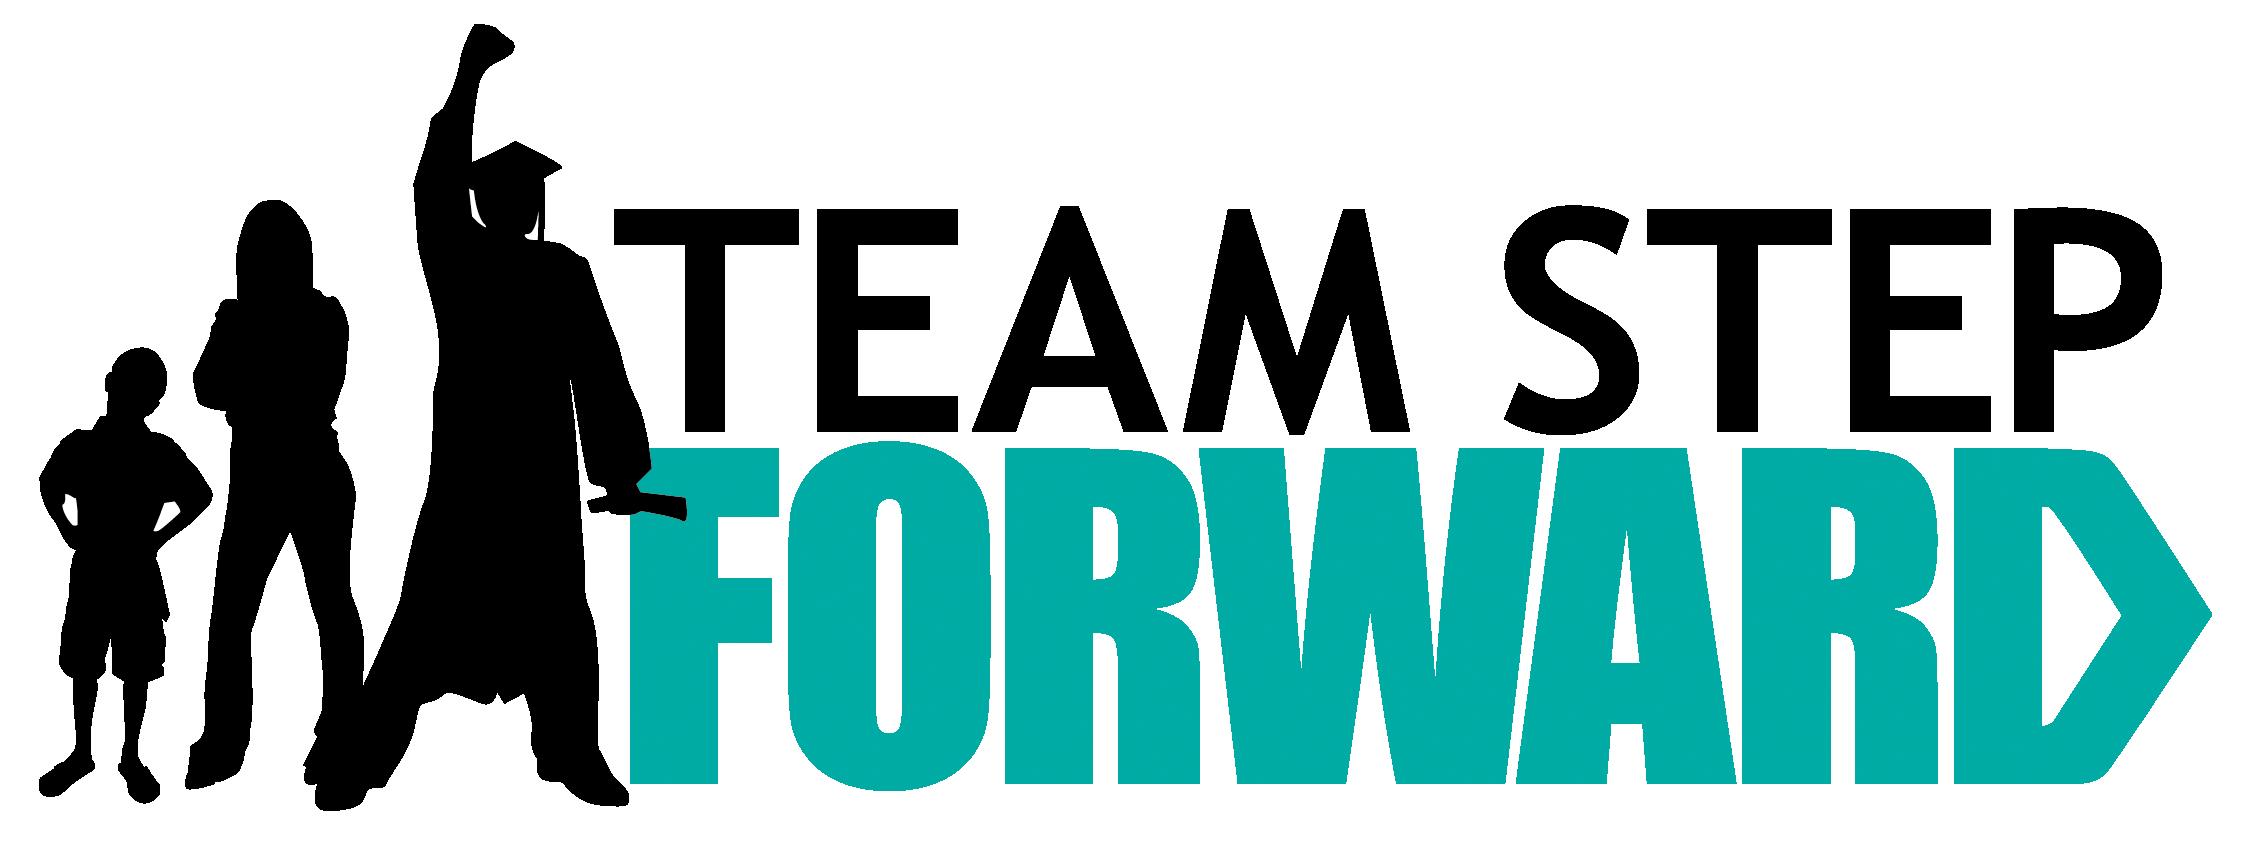 HOF - team_step_forward_logo.png